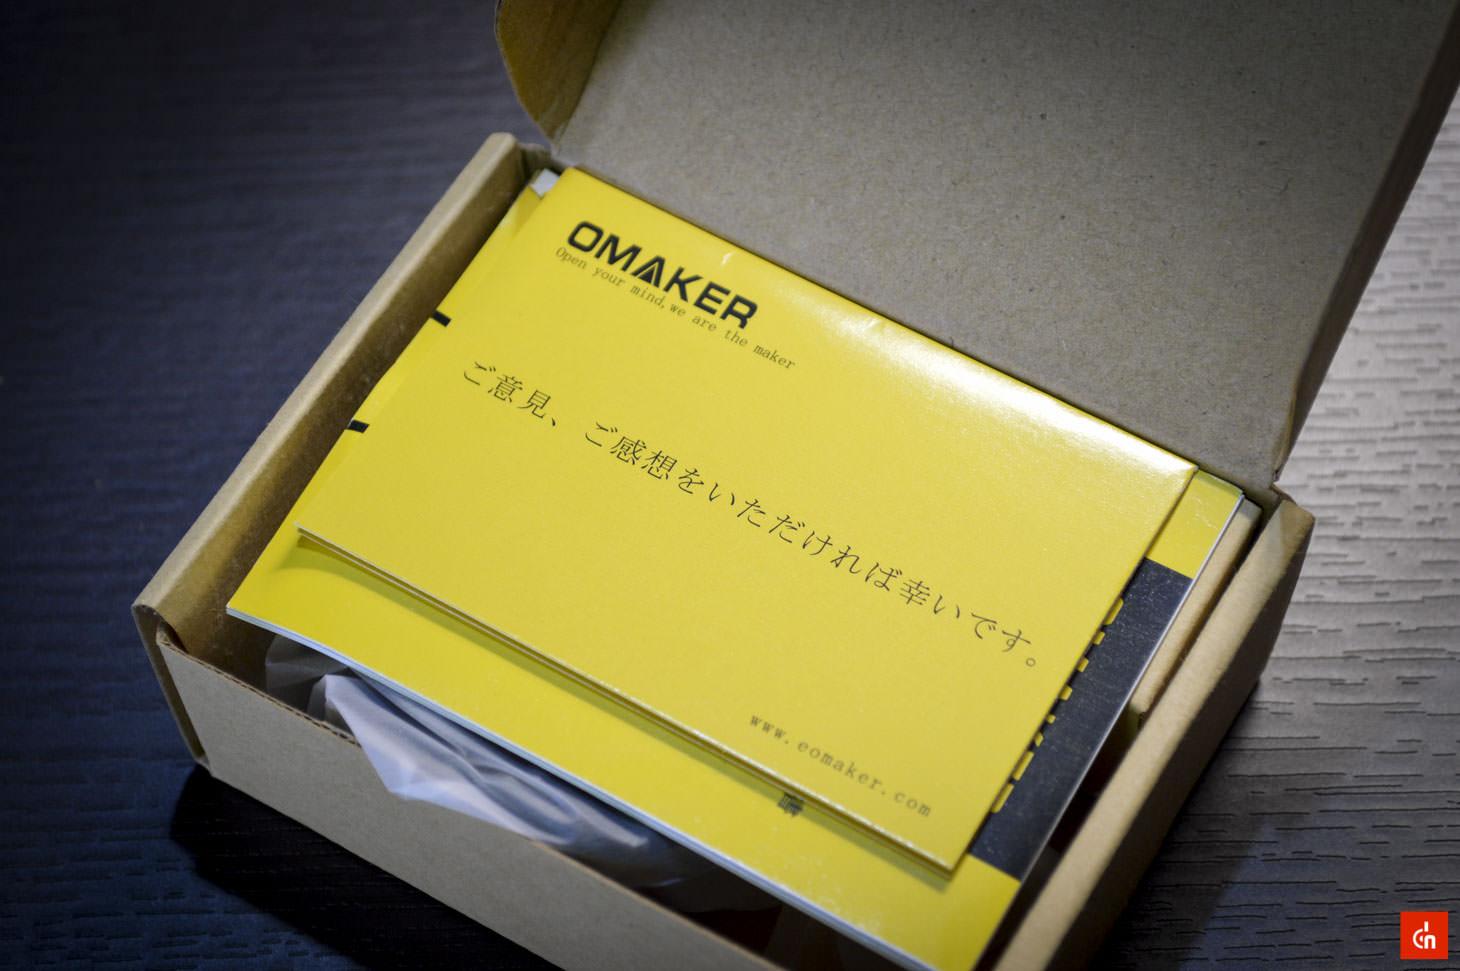 002_20160821_omaker-bluetooth